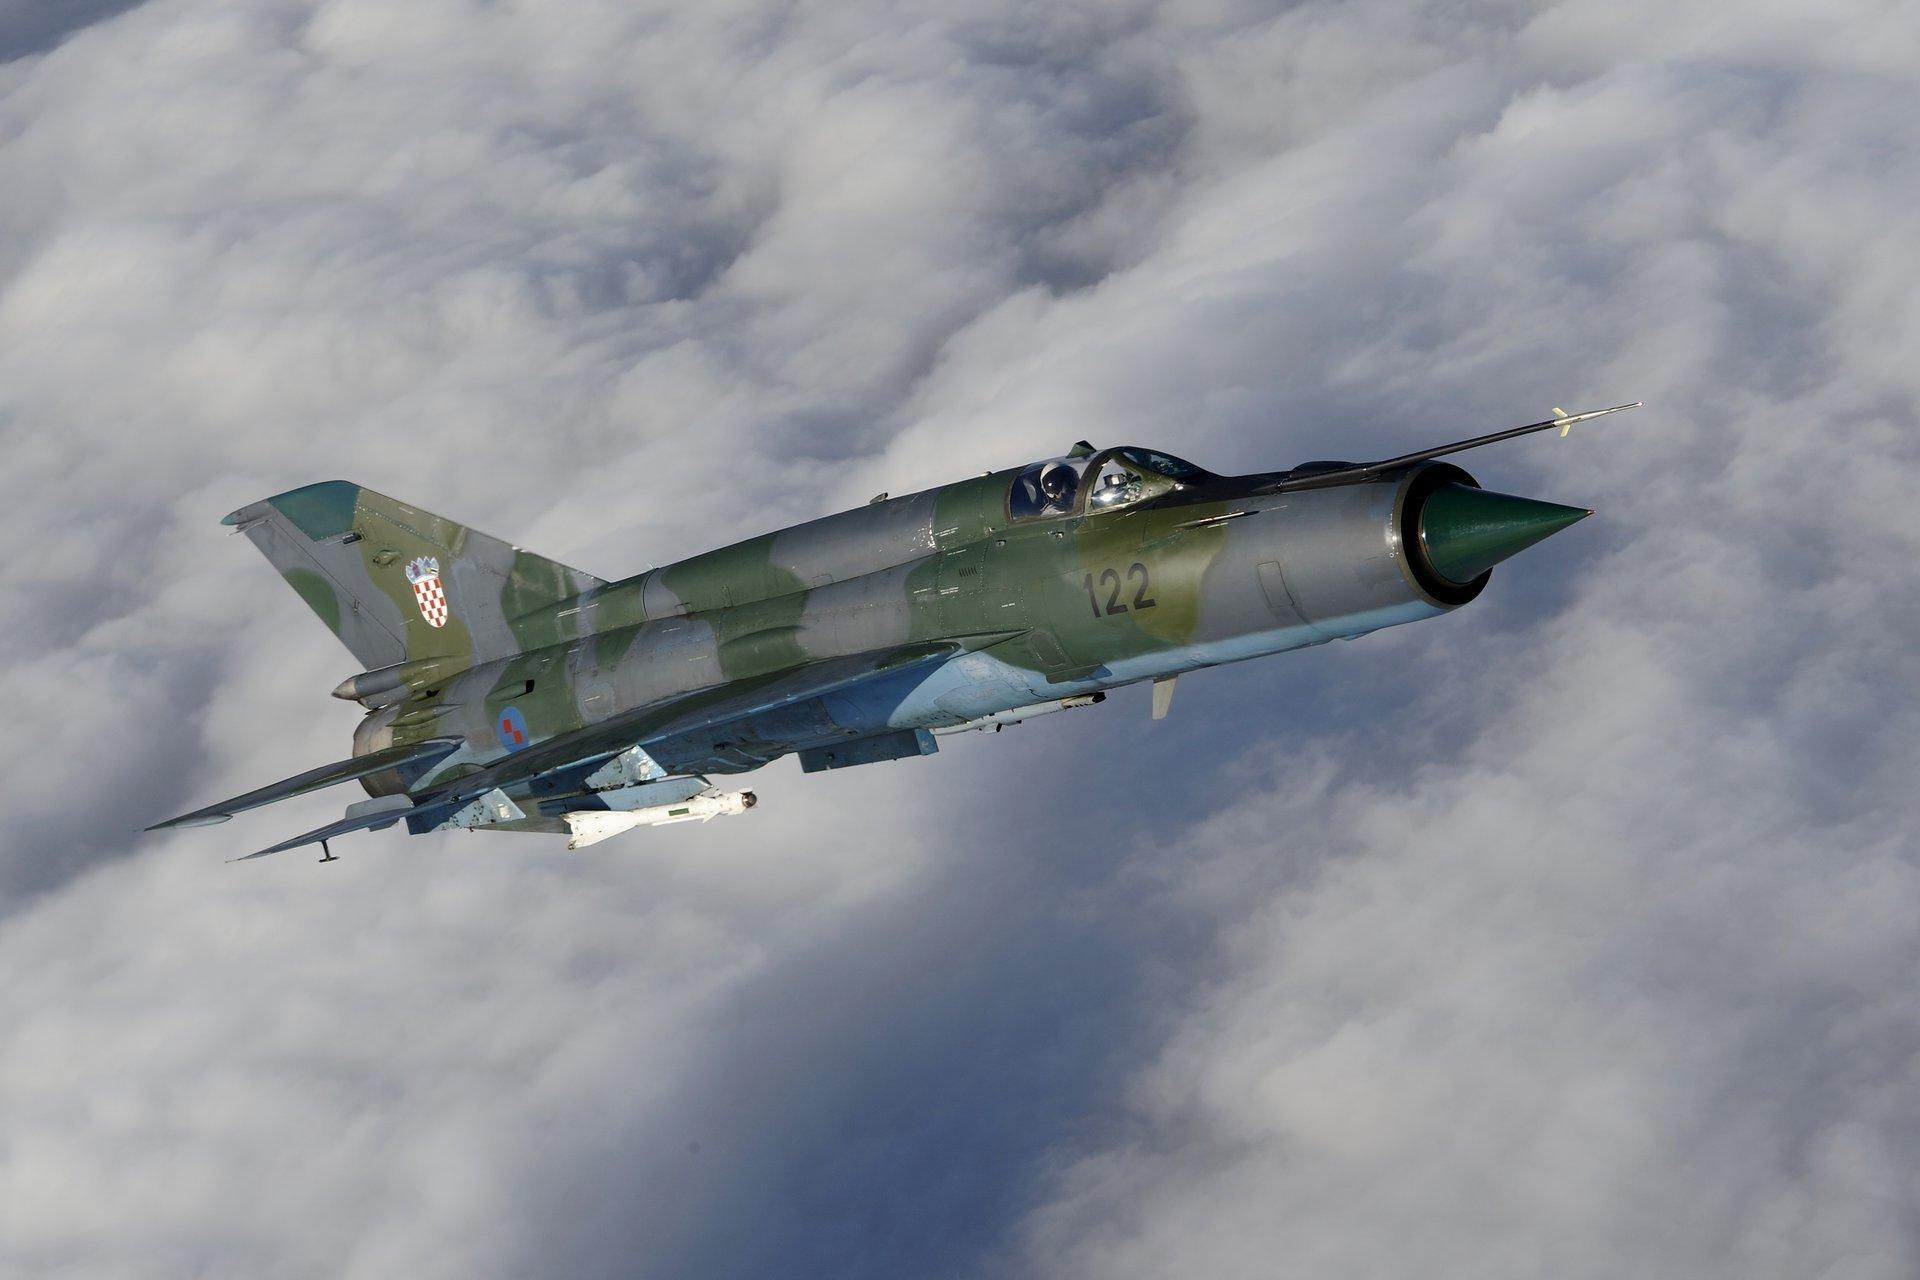 Обои советский многоцелевой истребитель. Авиация foto 18